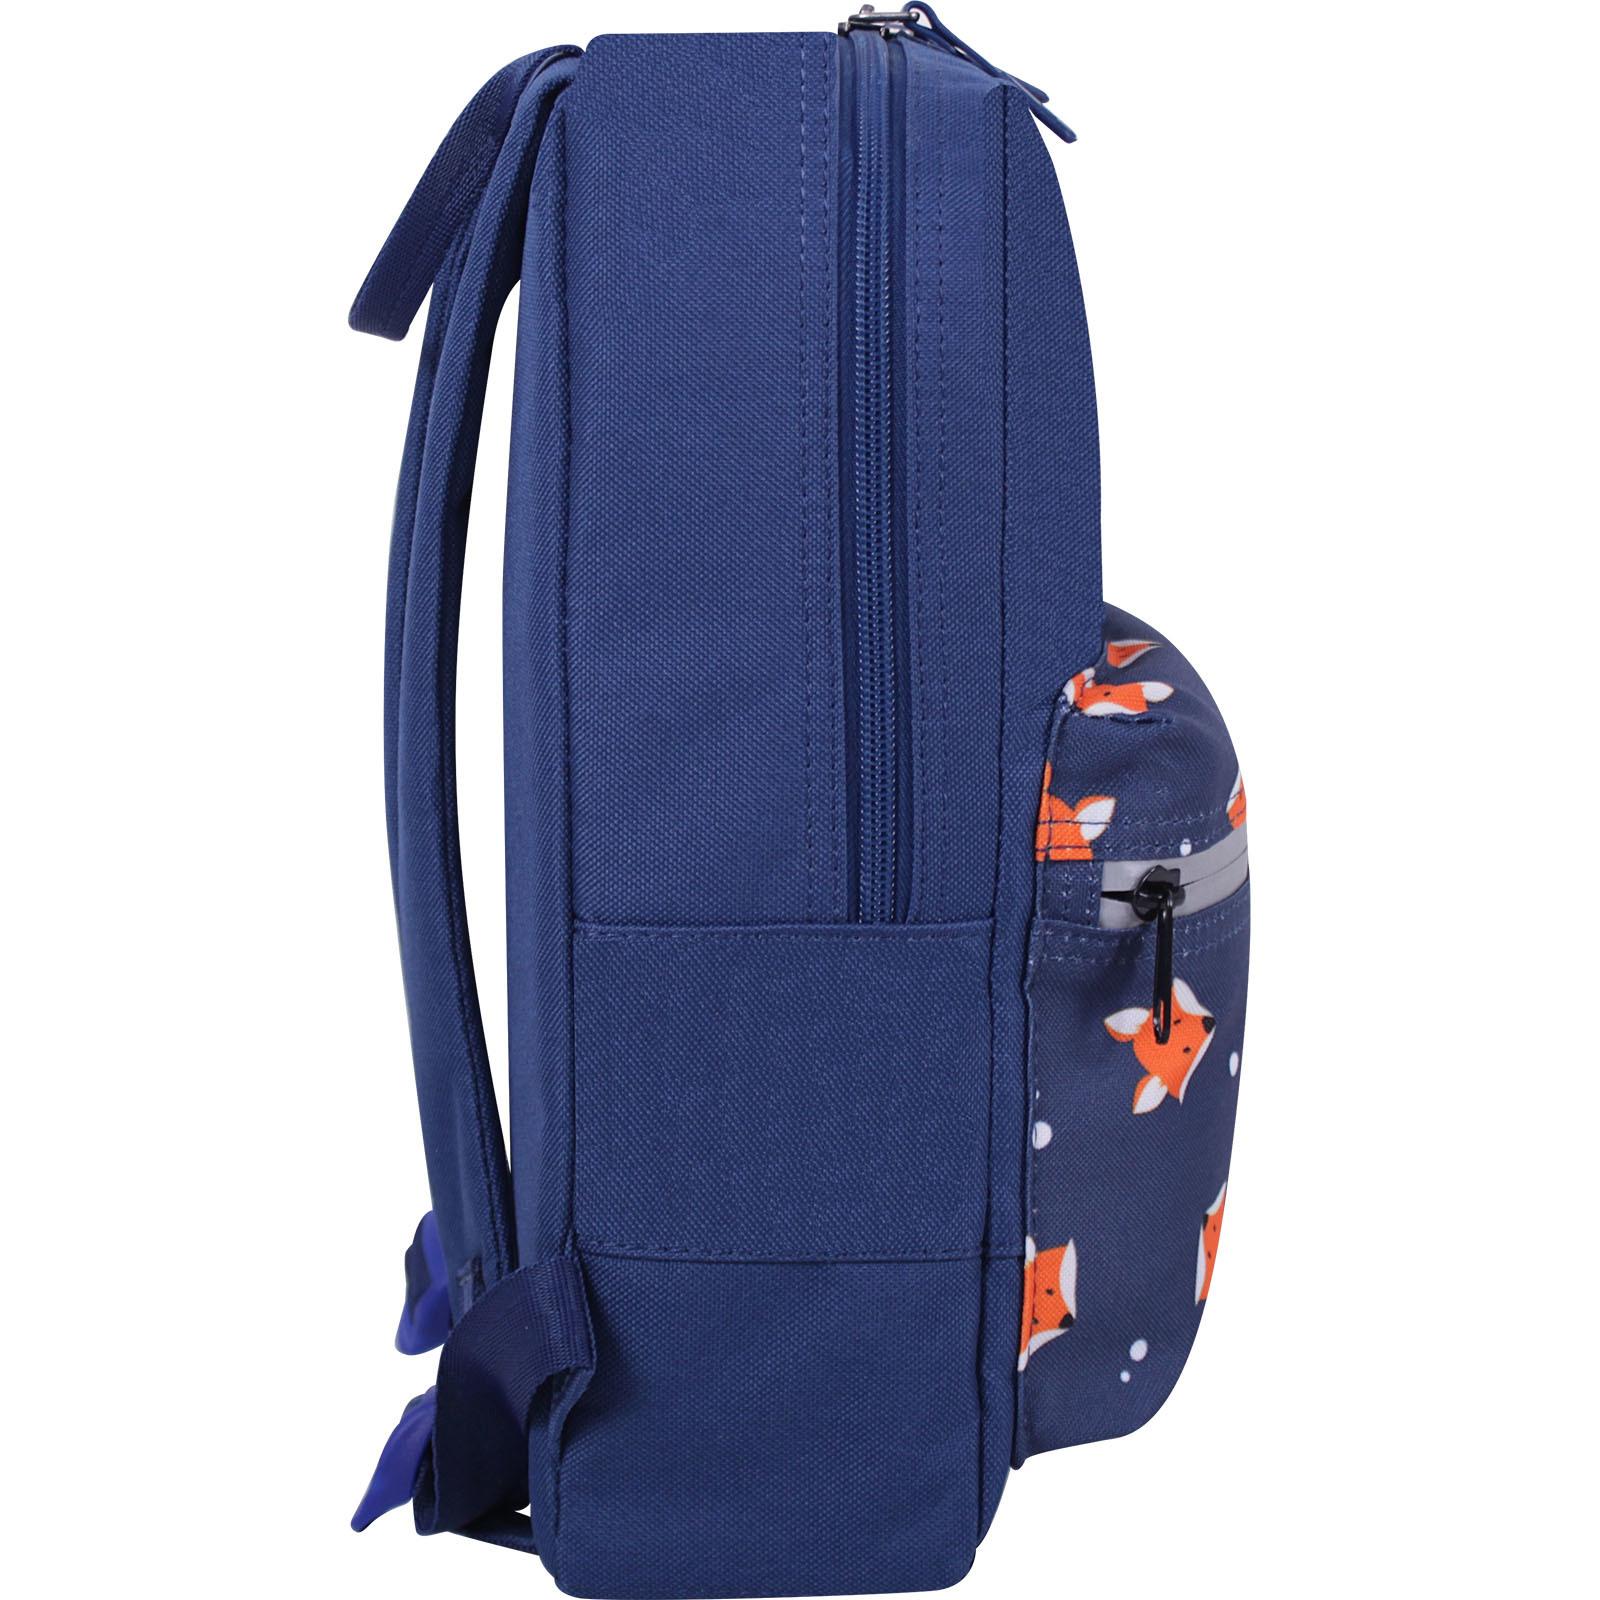 Рюкзак Bagland Молодежный mini 8 л. синий сублимация 742 (0050866) фото 2